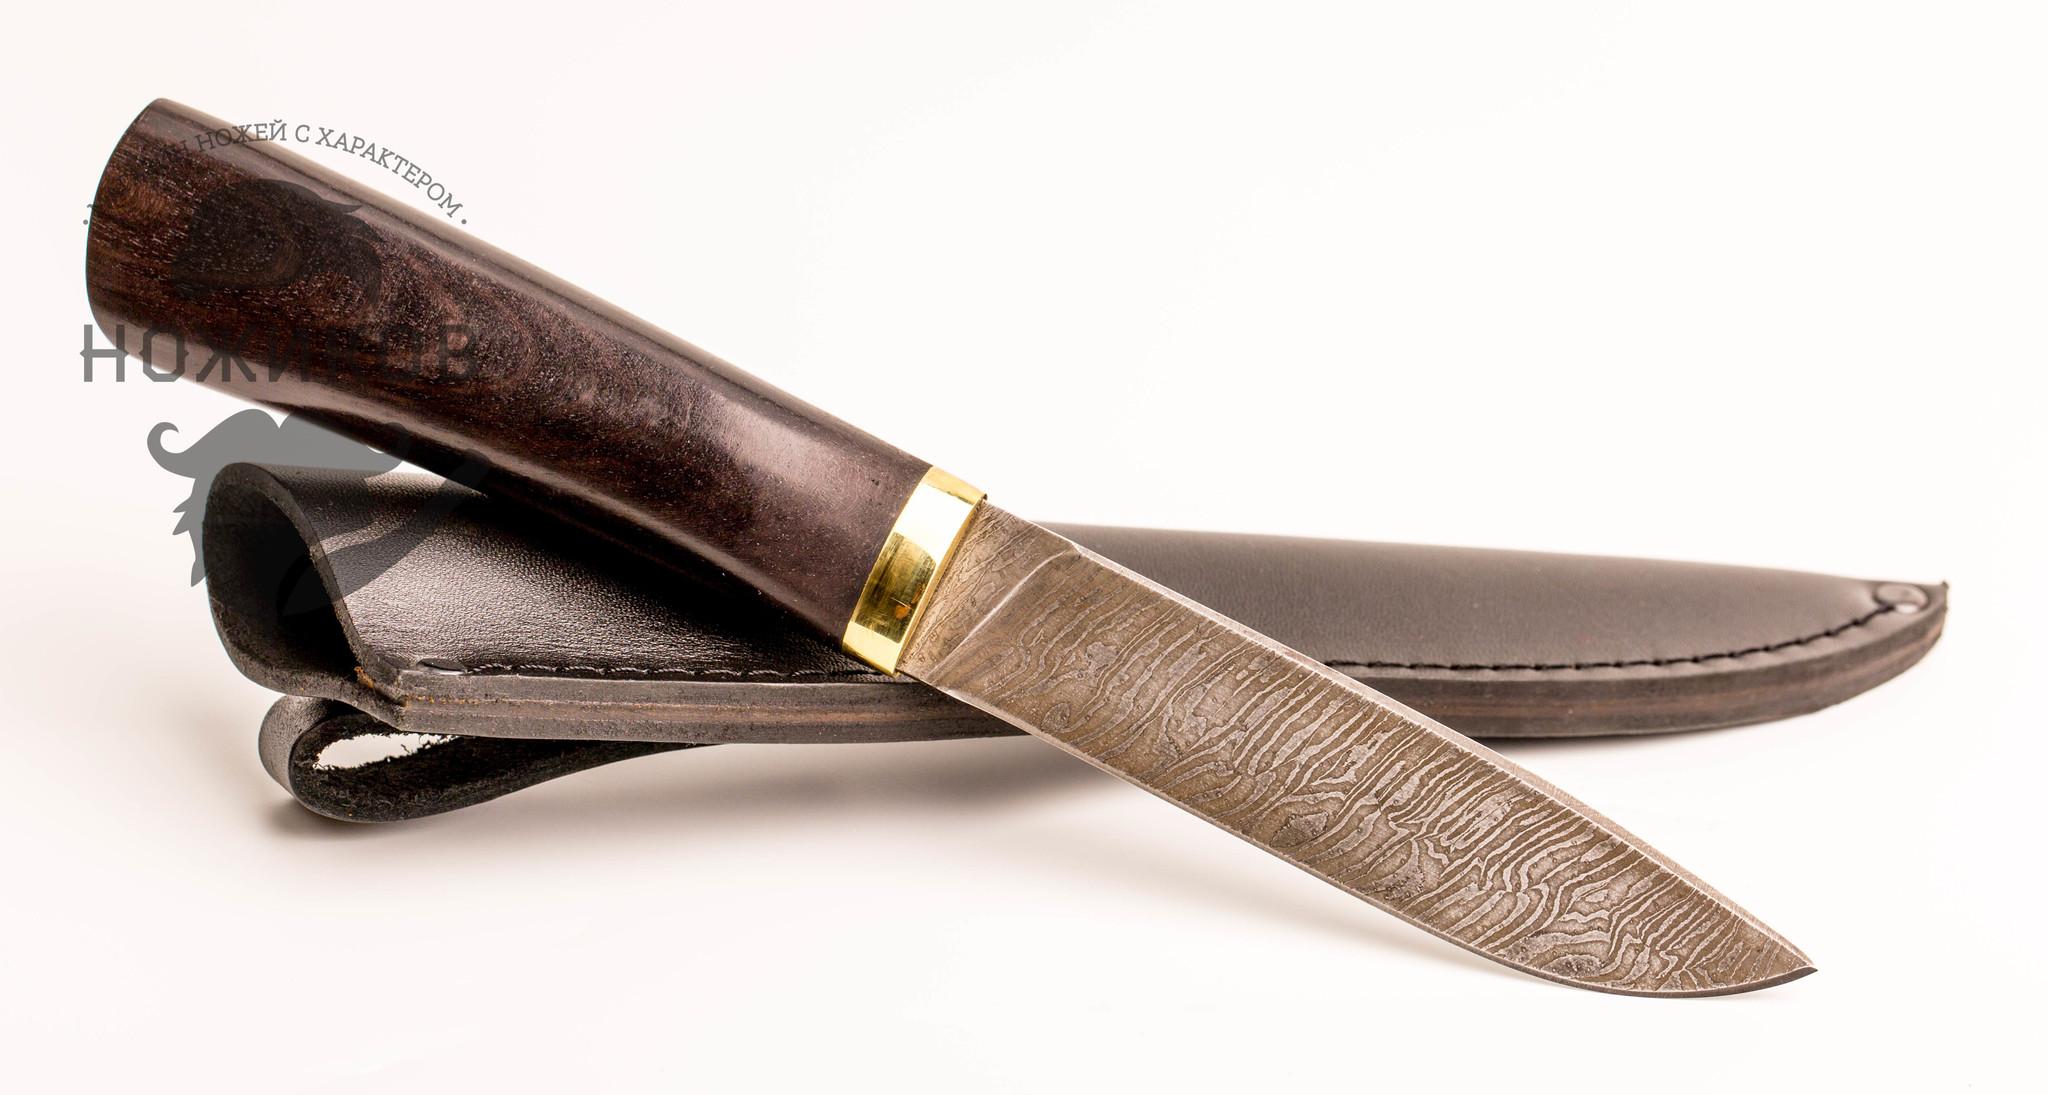 Фото 8 - Нож Тайга, дамасская сталь от Промтехснаб